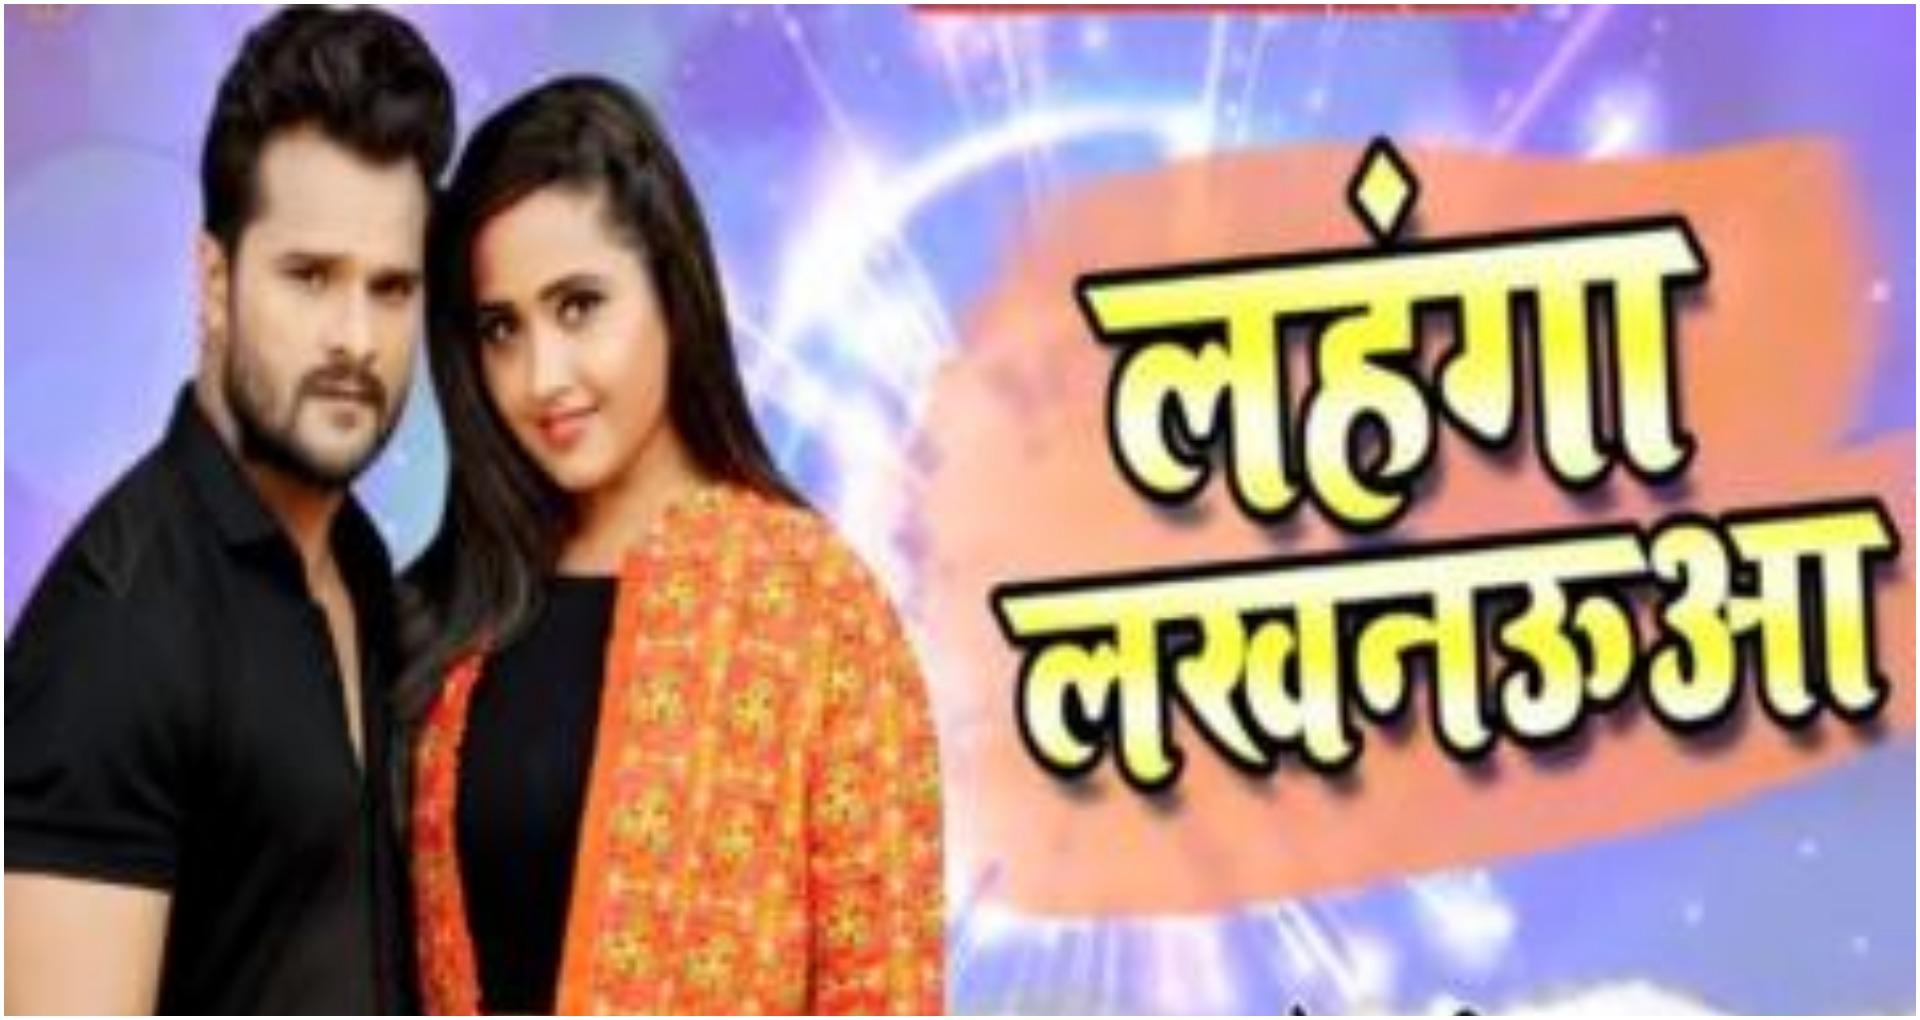 Bhojpuri Song: खेसारी लाल यादव के 'लहंगा लखनऊआ' गाने ने इंटरनेट पर मचाई धूम, हो रहा है जमकर वायरल